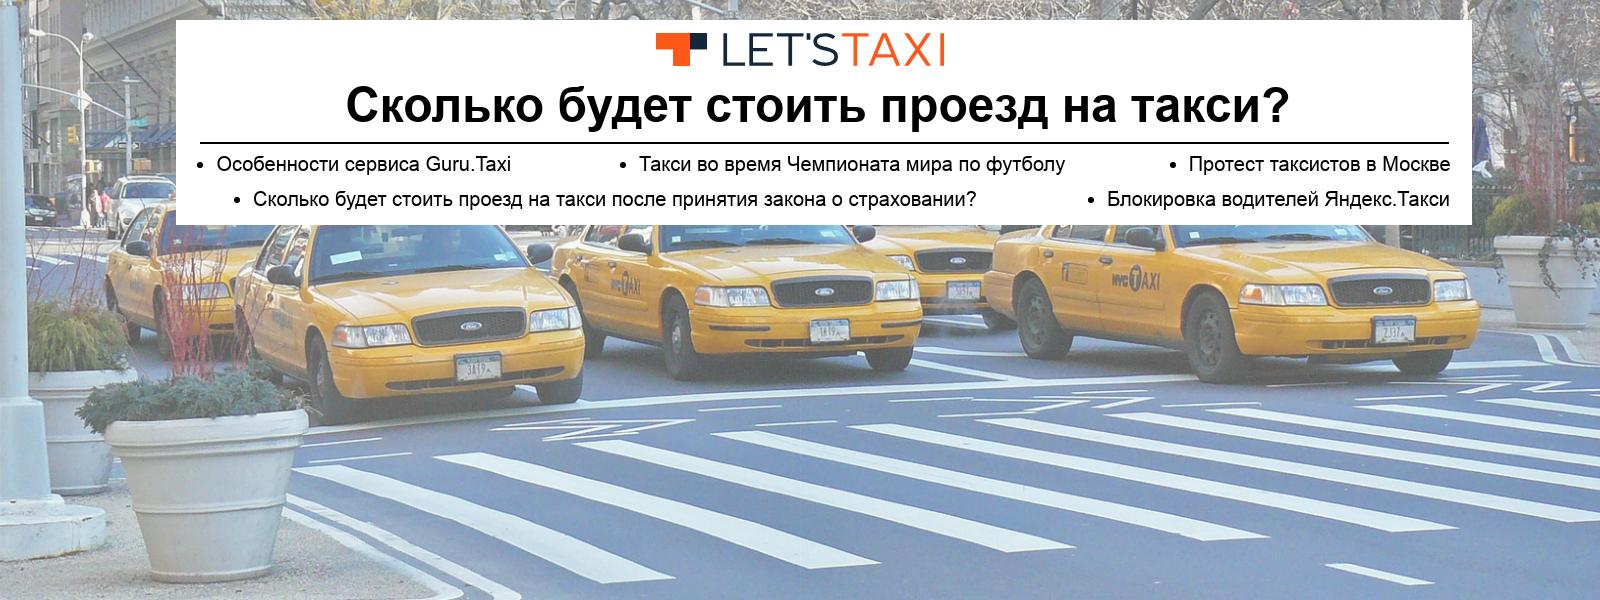 Стоимость проезда в такси